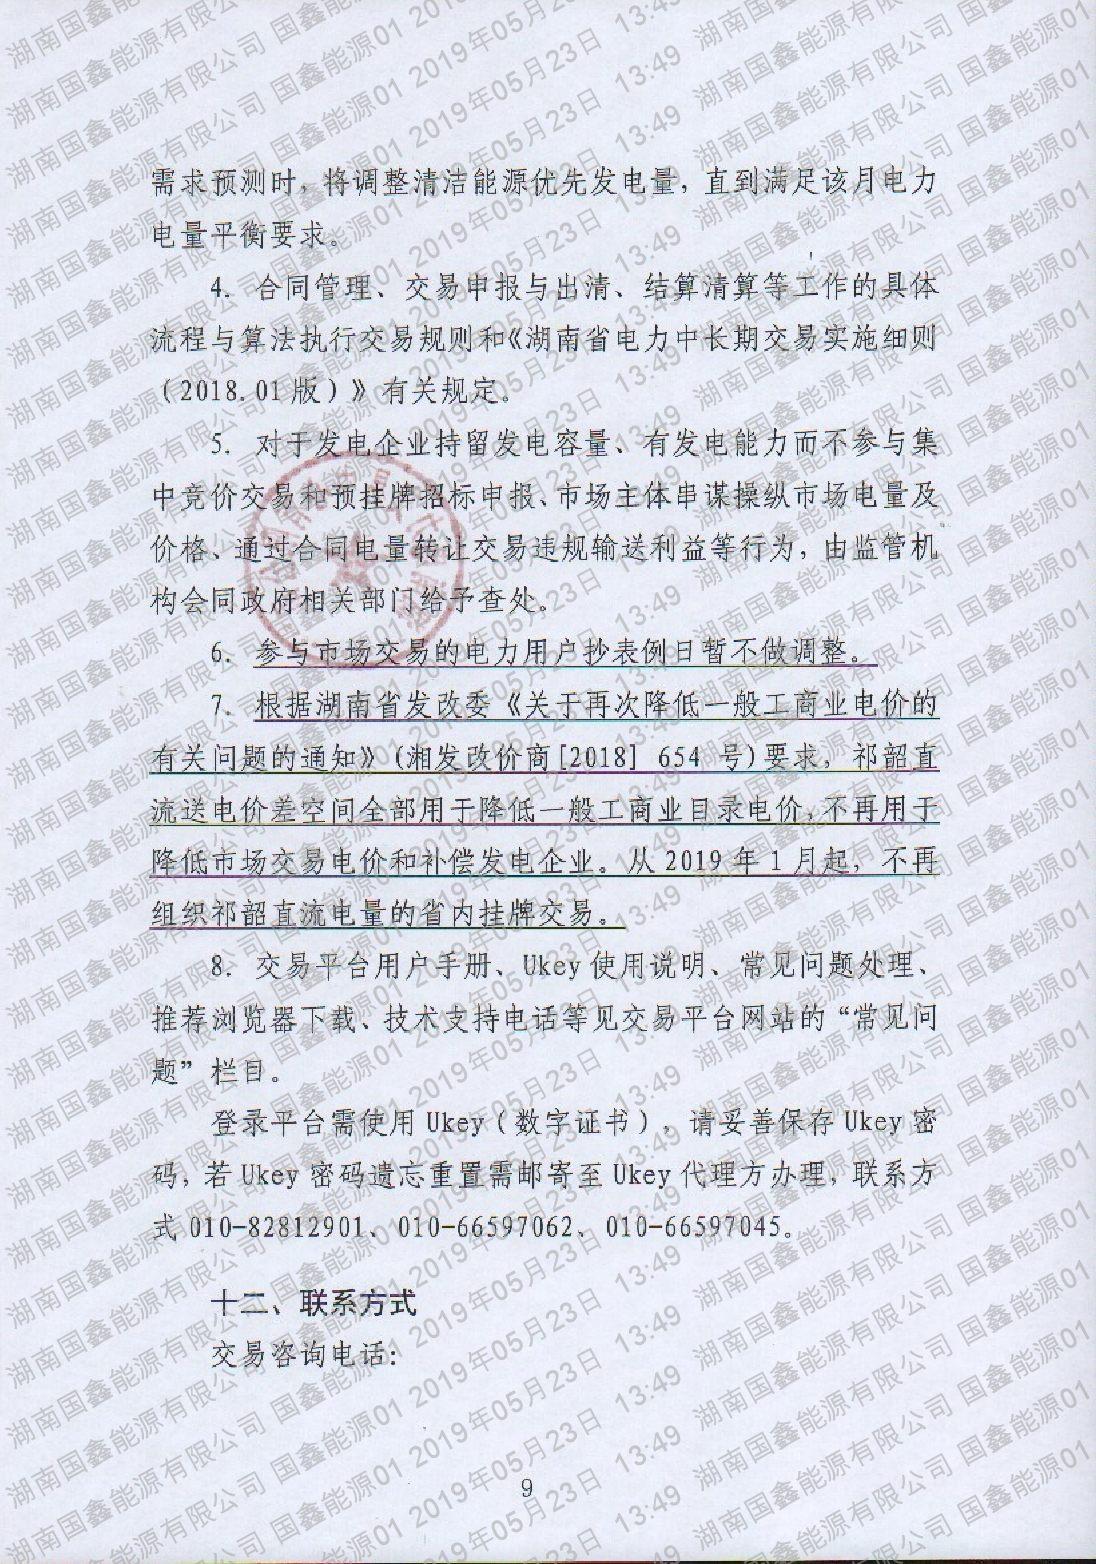 湖南電力交易中心有限公司關于2019年4月電力市場交易的公告.pdf_page_09_compressed.jpg